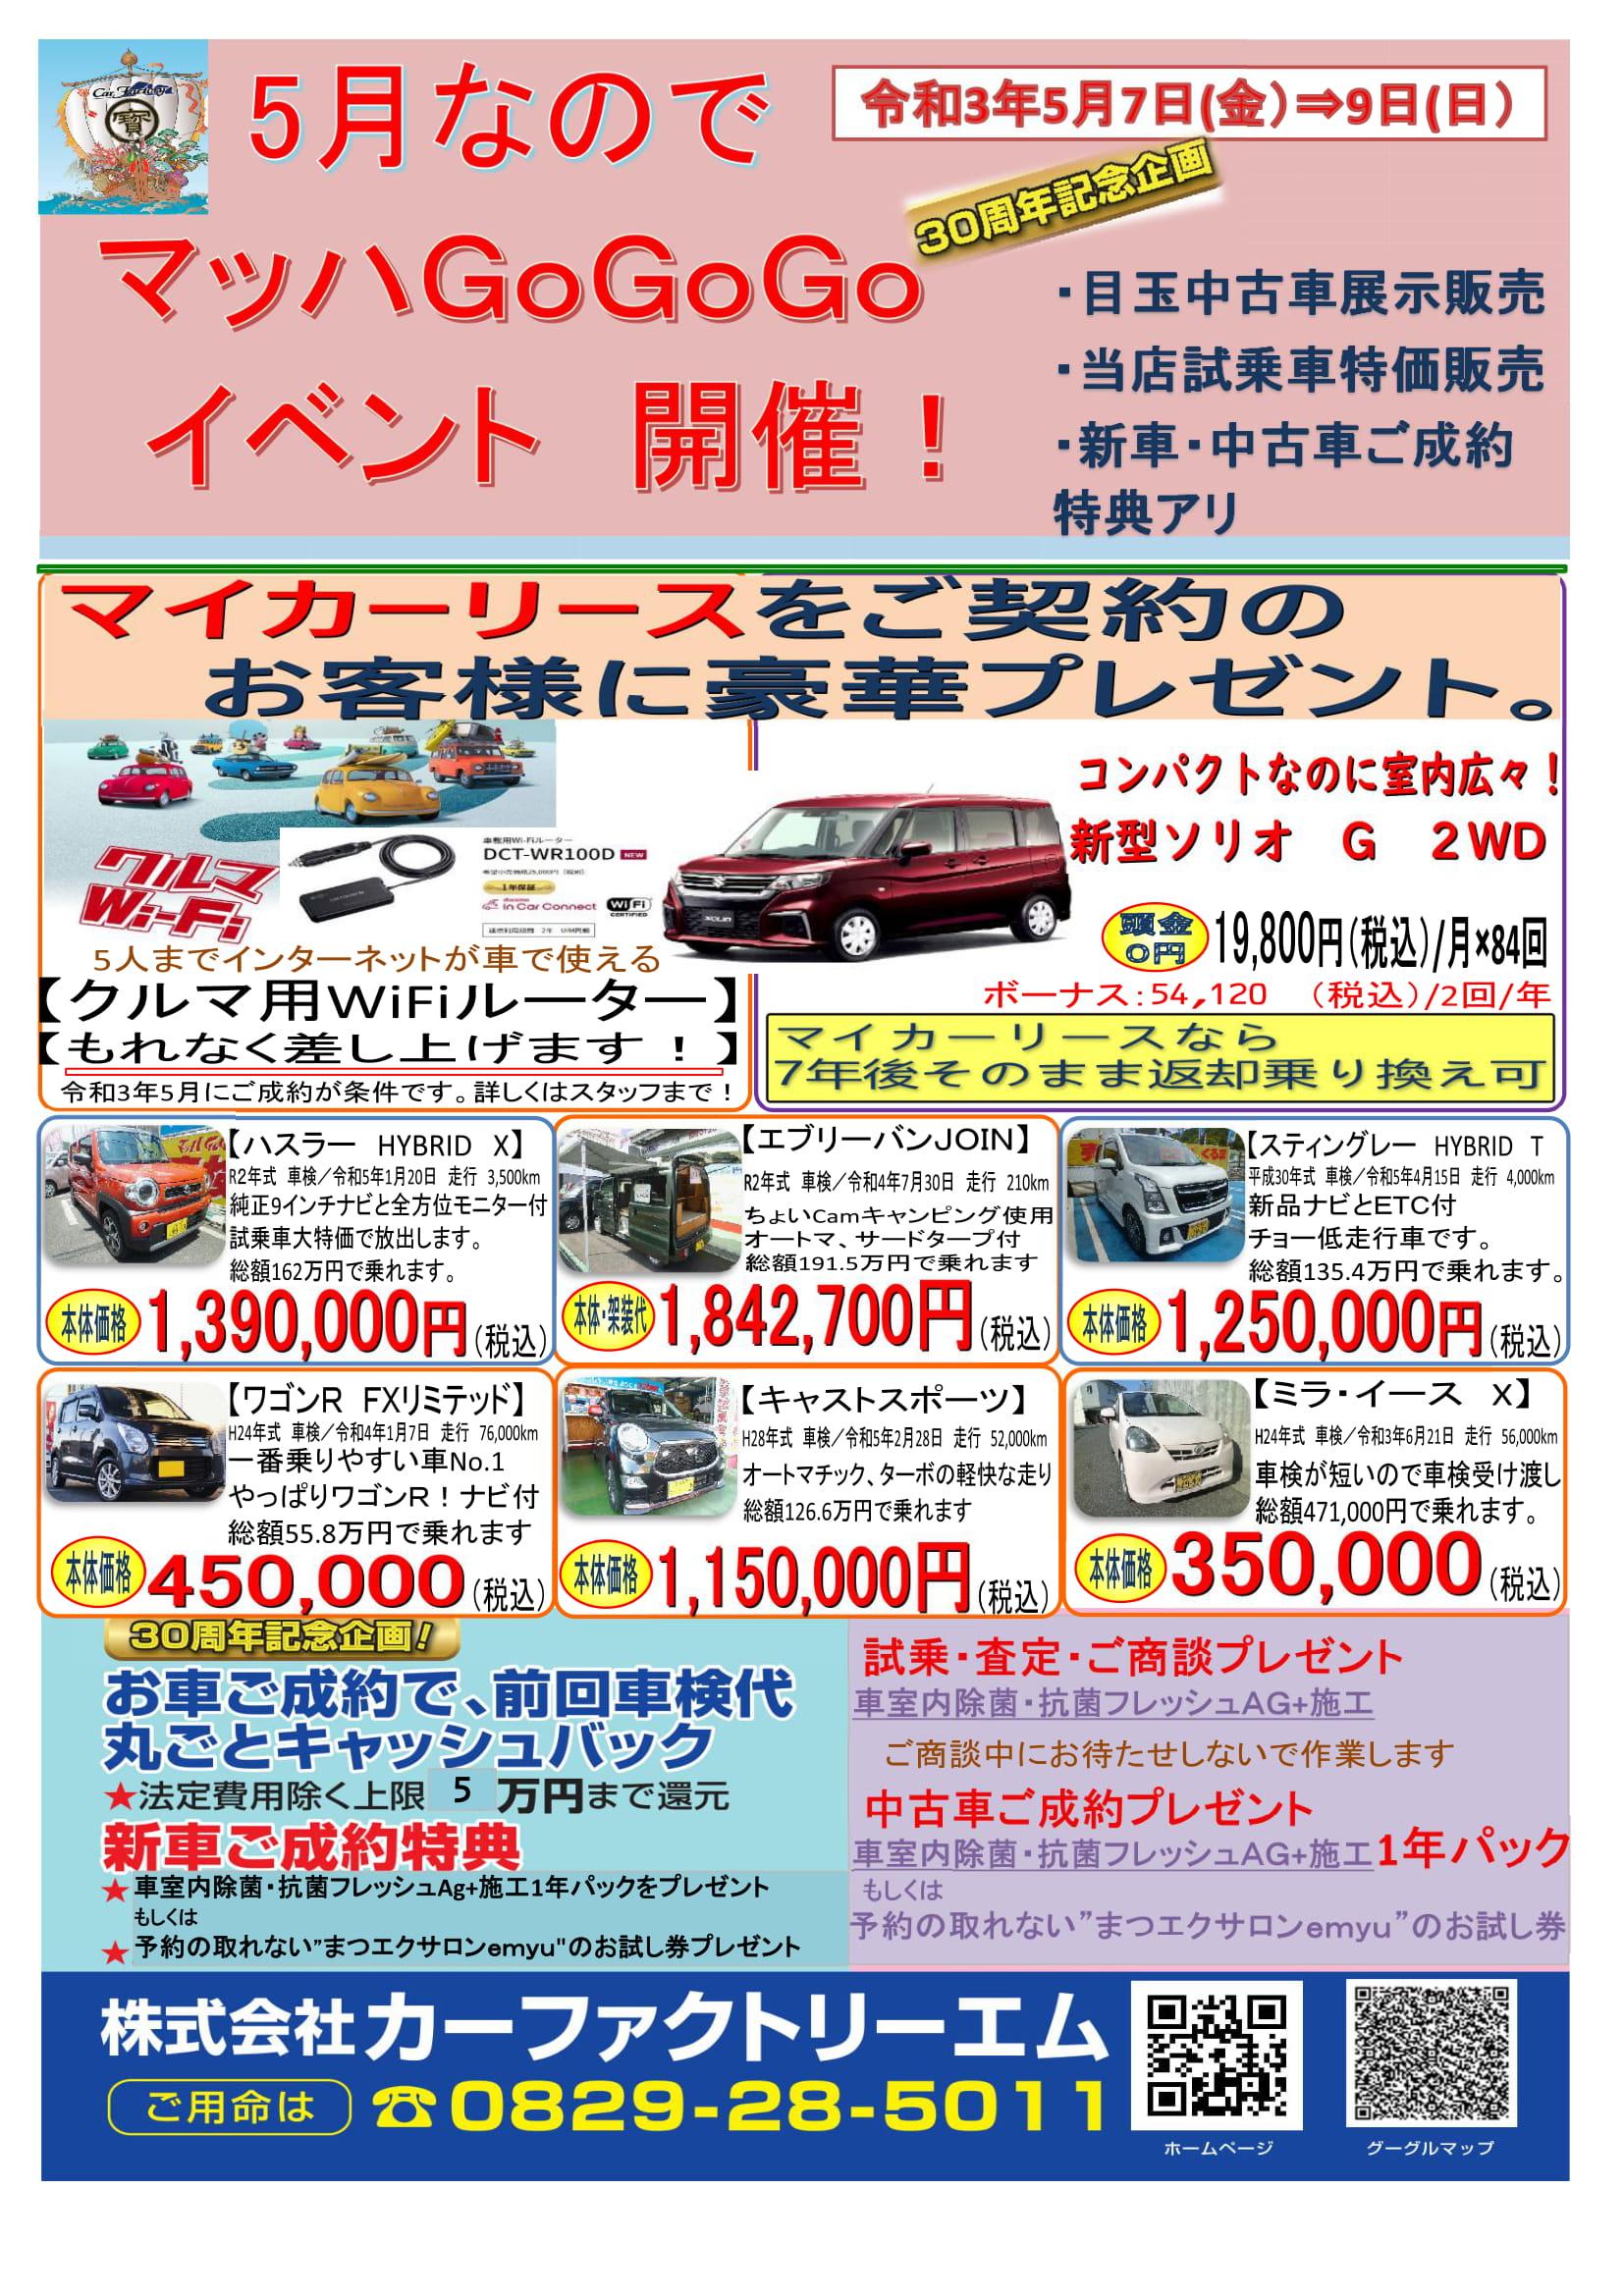 マッハ車検五日市石内バイパス店 マッハ通信5月号